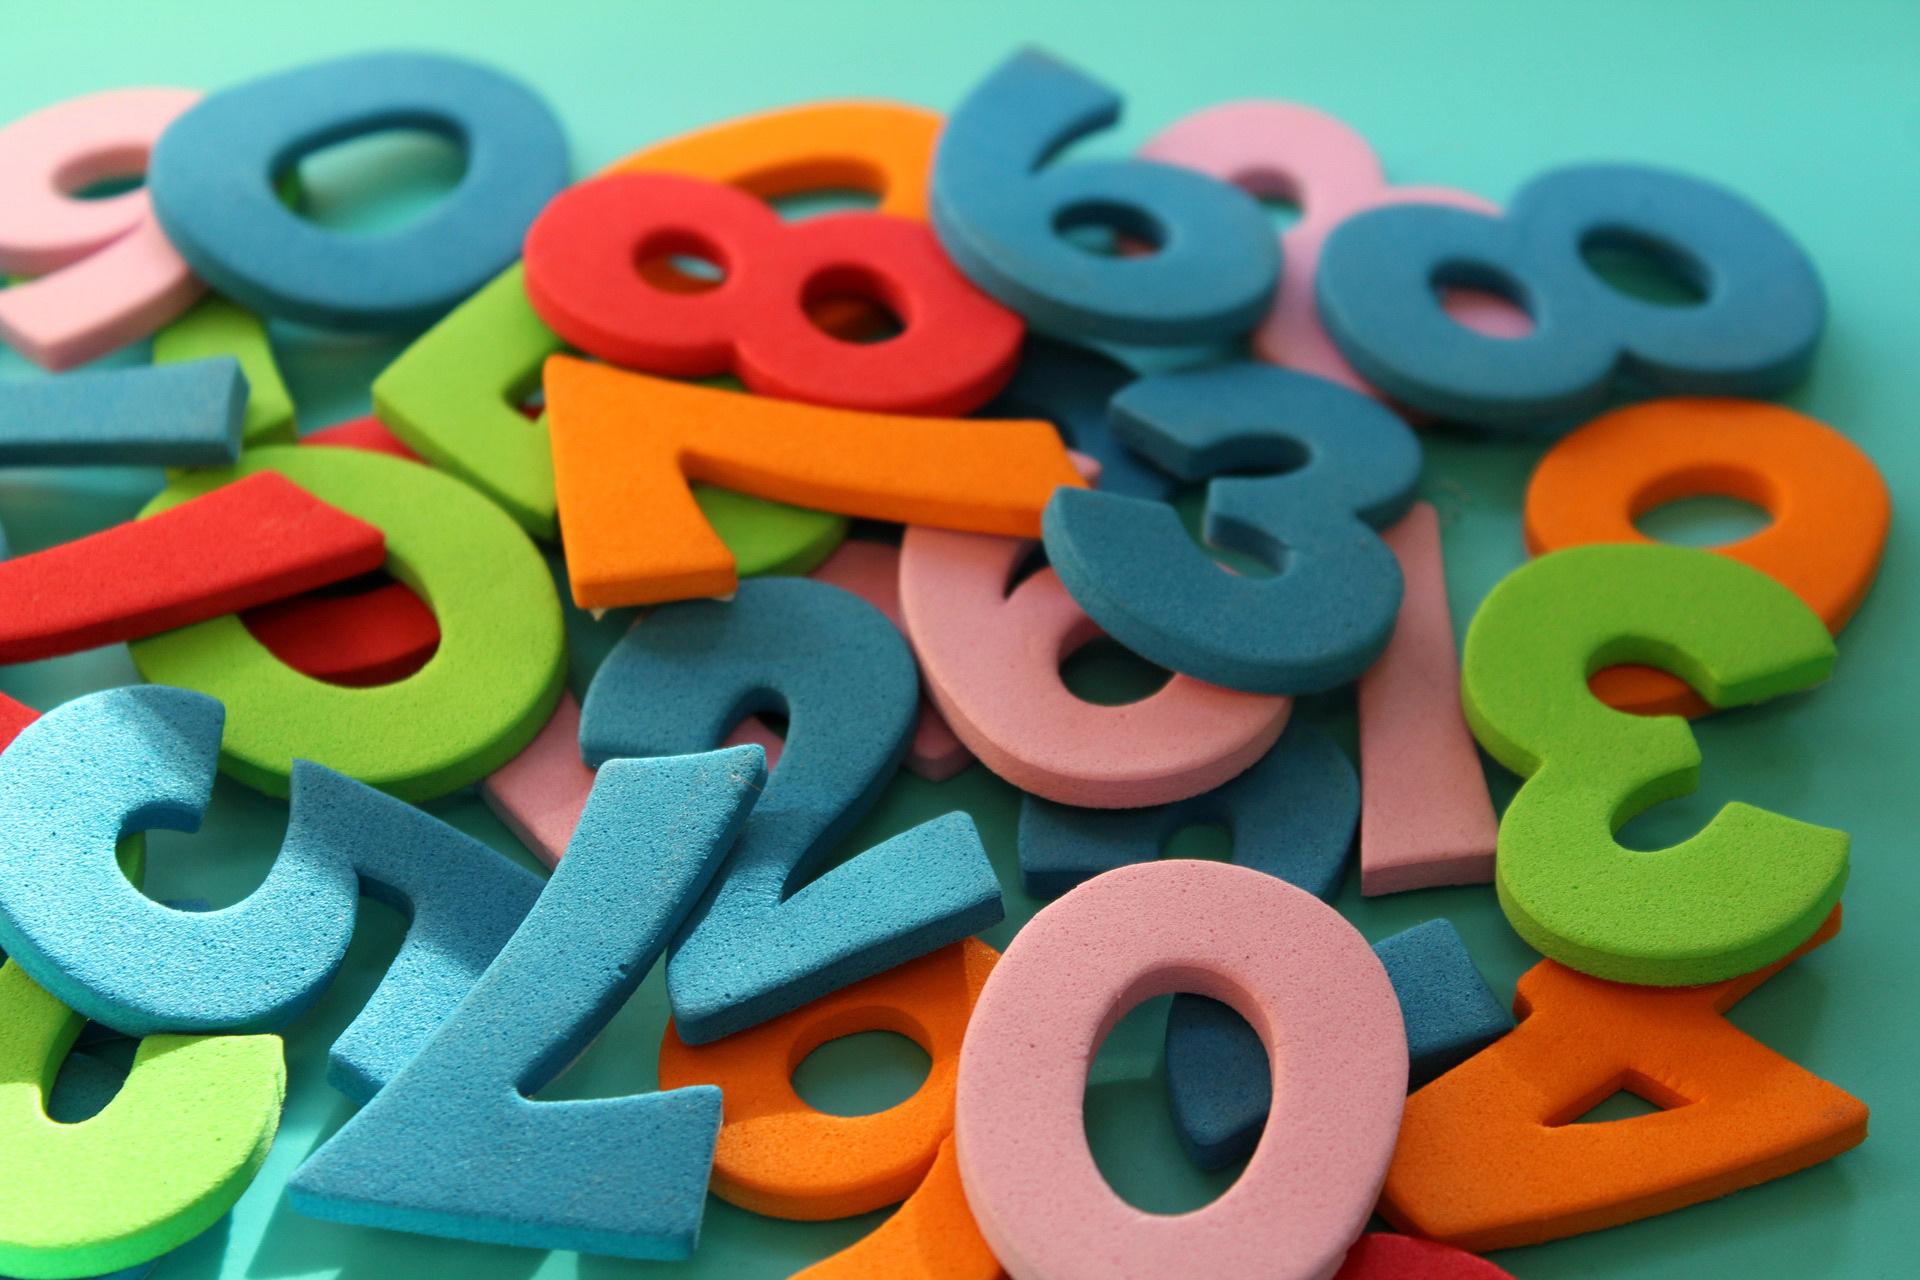 zagadki matematyczne dla dzieci tekstowe